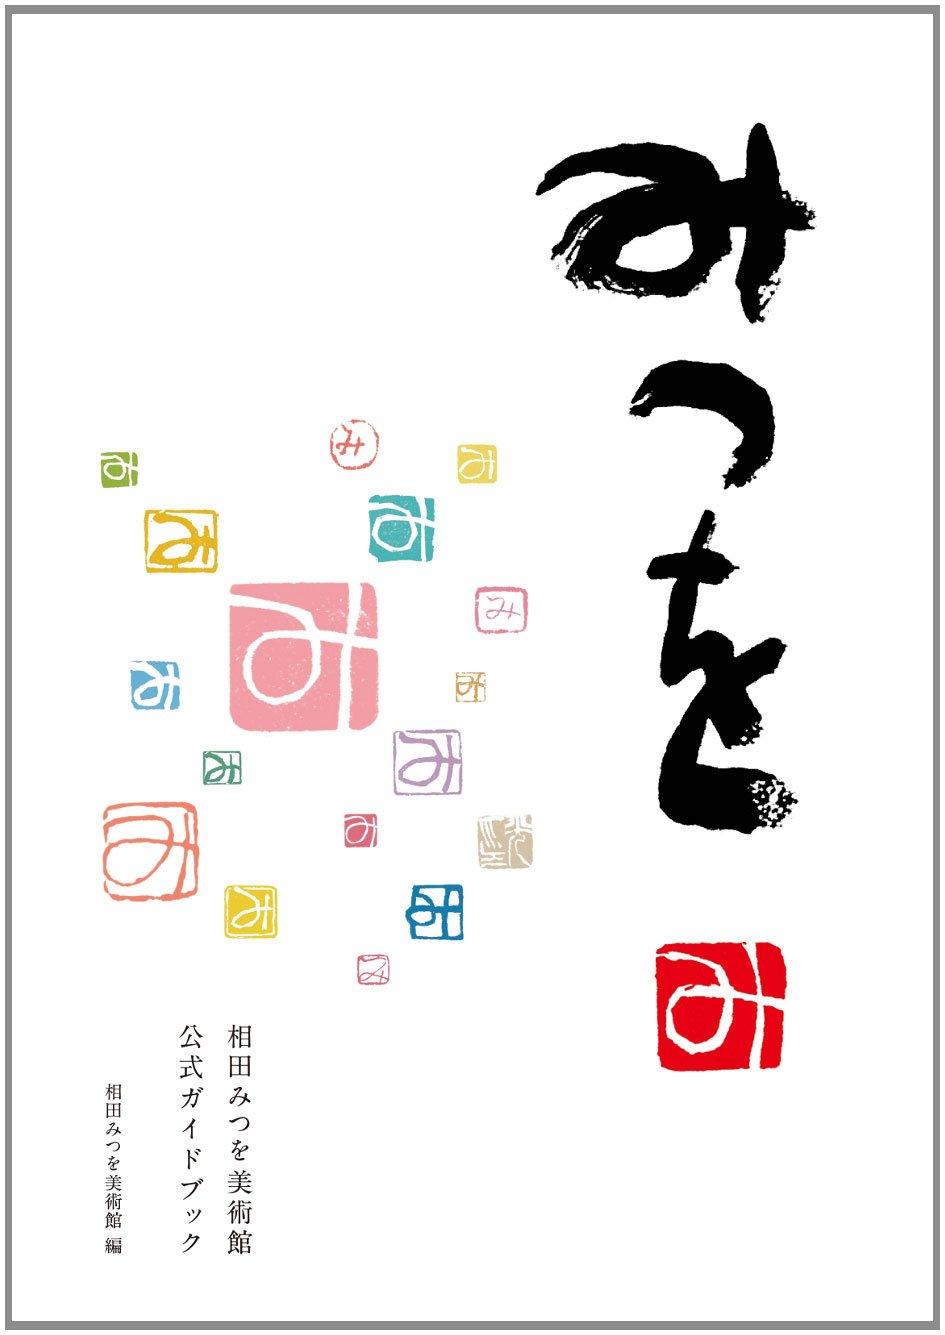 フォント みつを 無料で使える!和風な日本語のフリーフォント37選 ferret